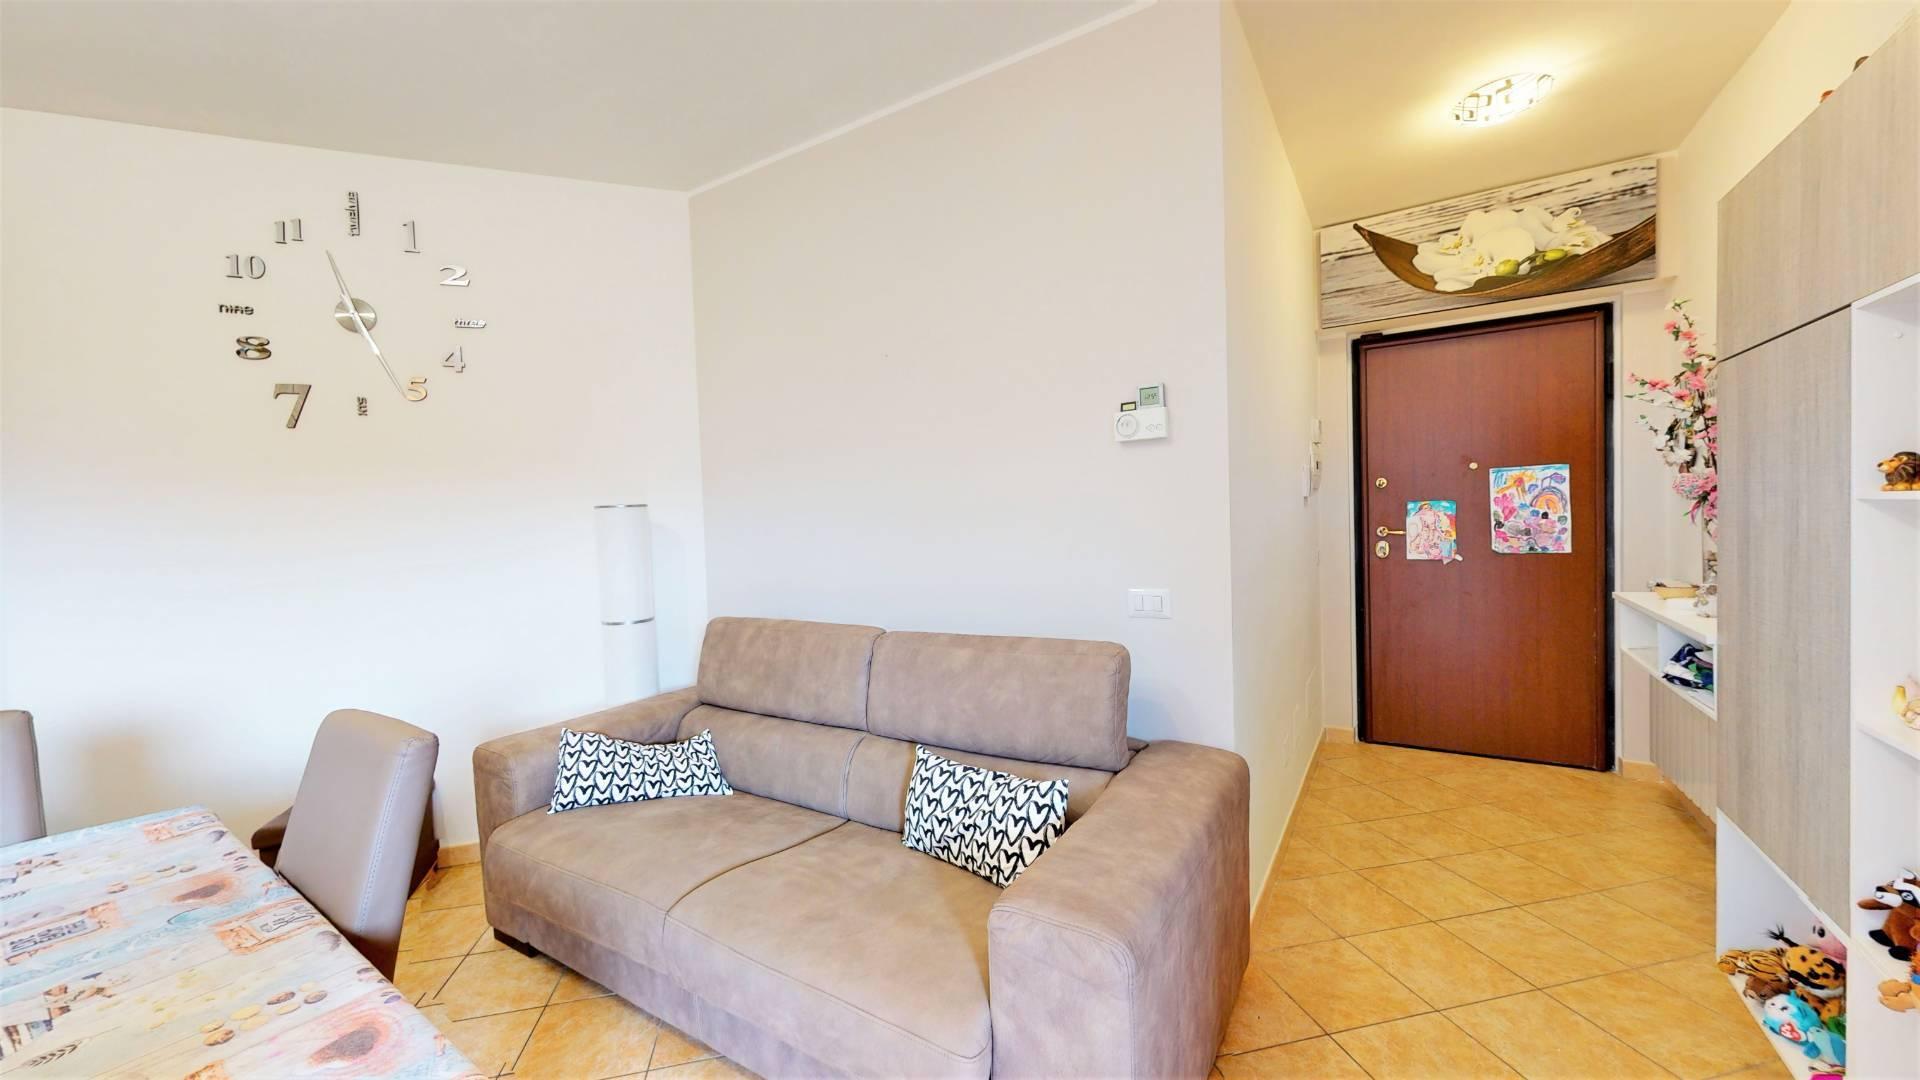 Appartamento in vendita a Colonna, 3 locali, prezzo € 159.000 | CambioCasa.it